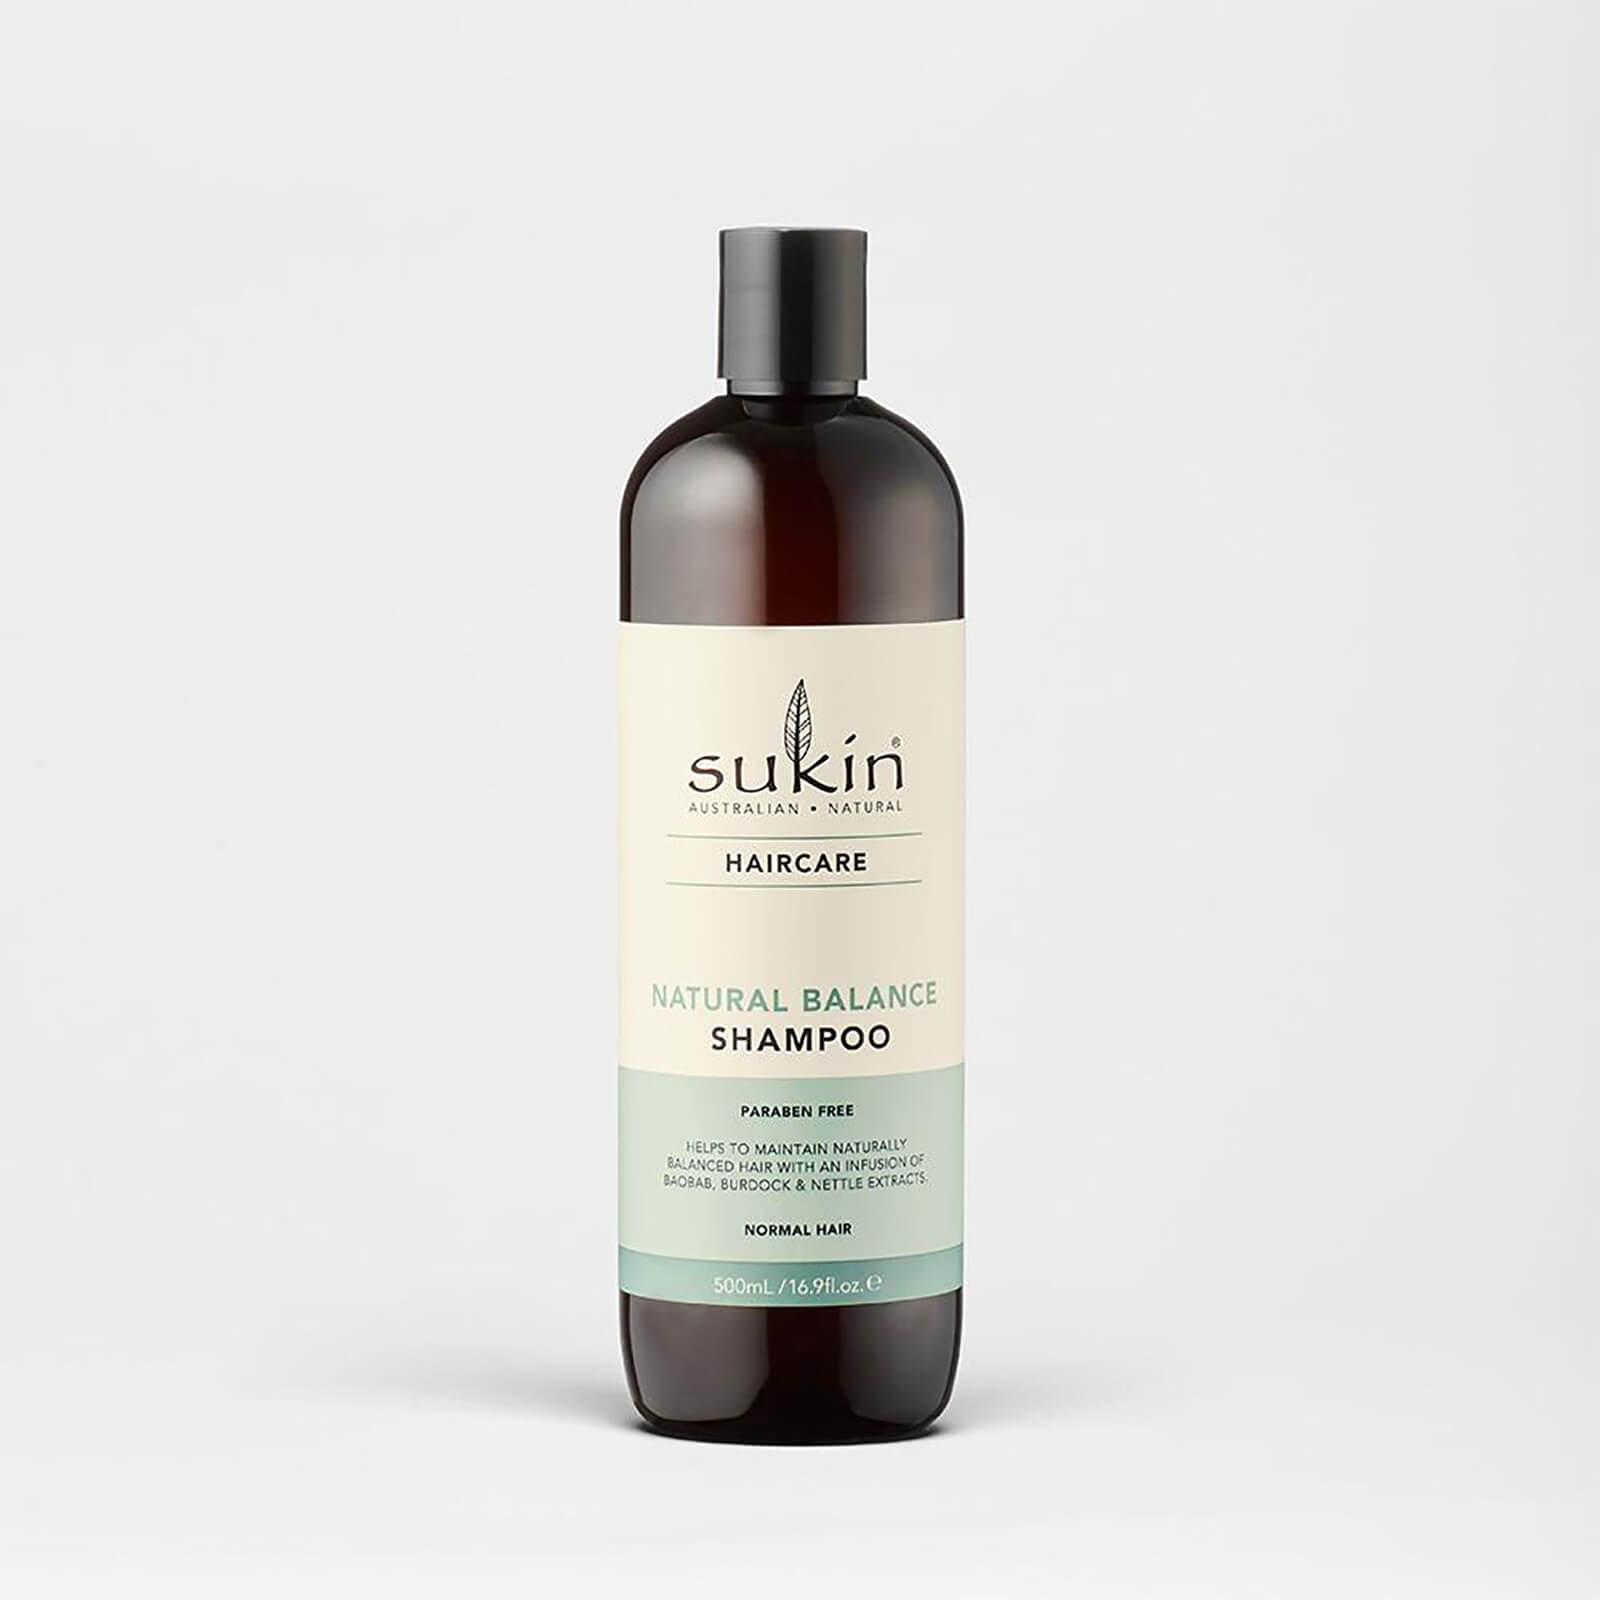 Купить Sukin Natural Balance Shampoo 500ml